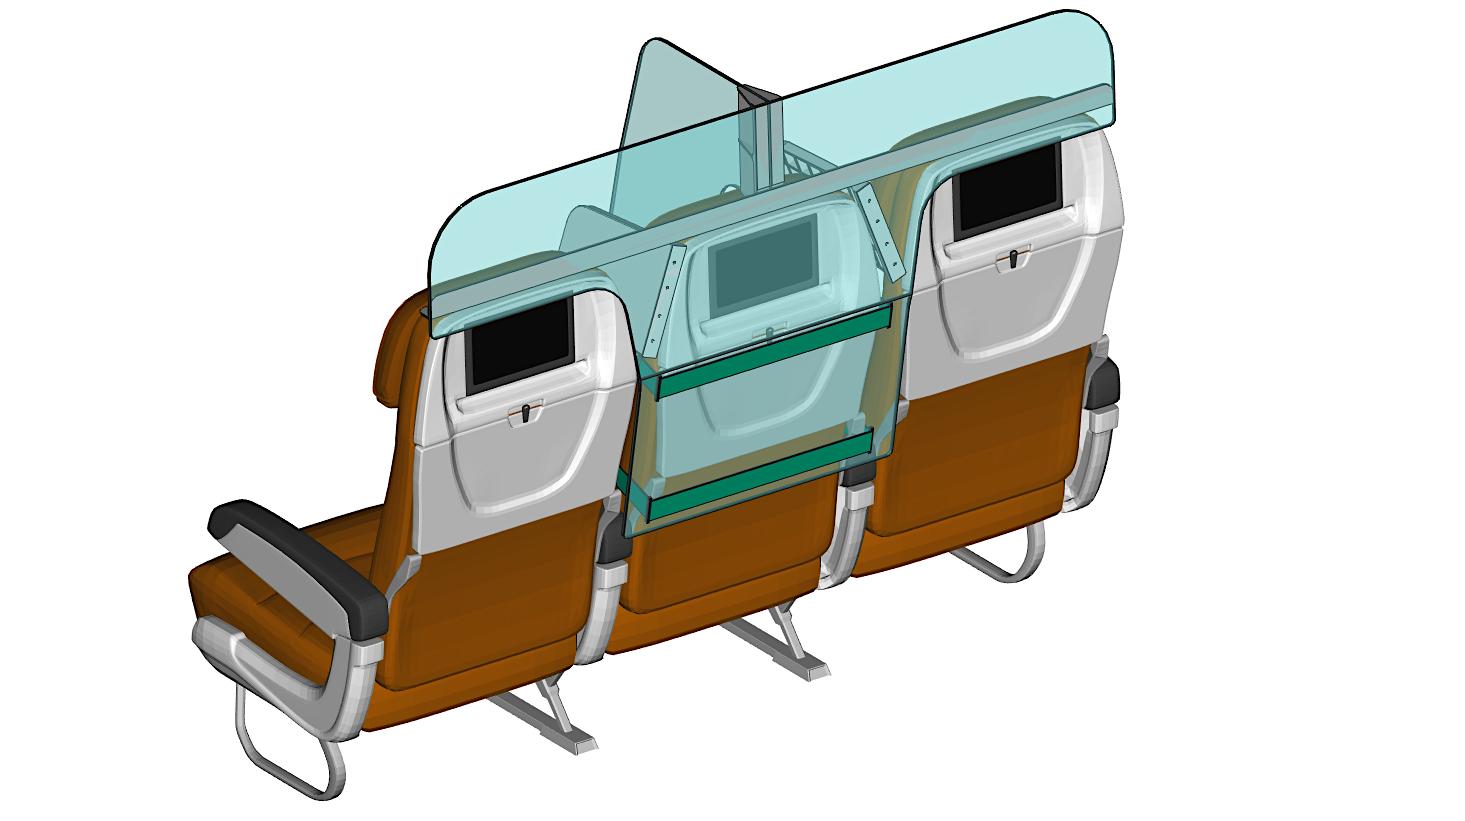 Separador de assento PlanBay visto de trás